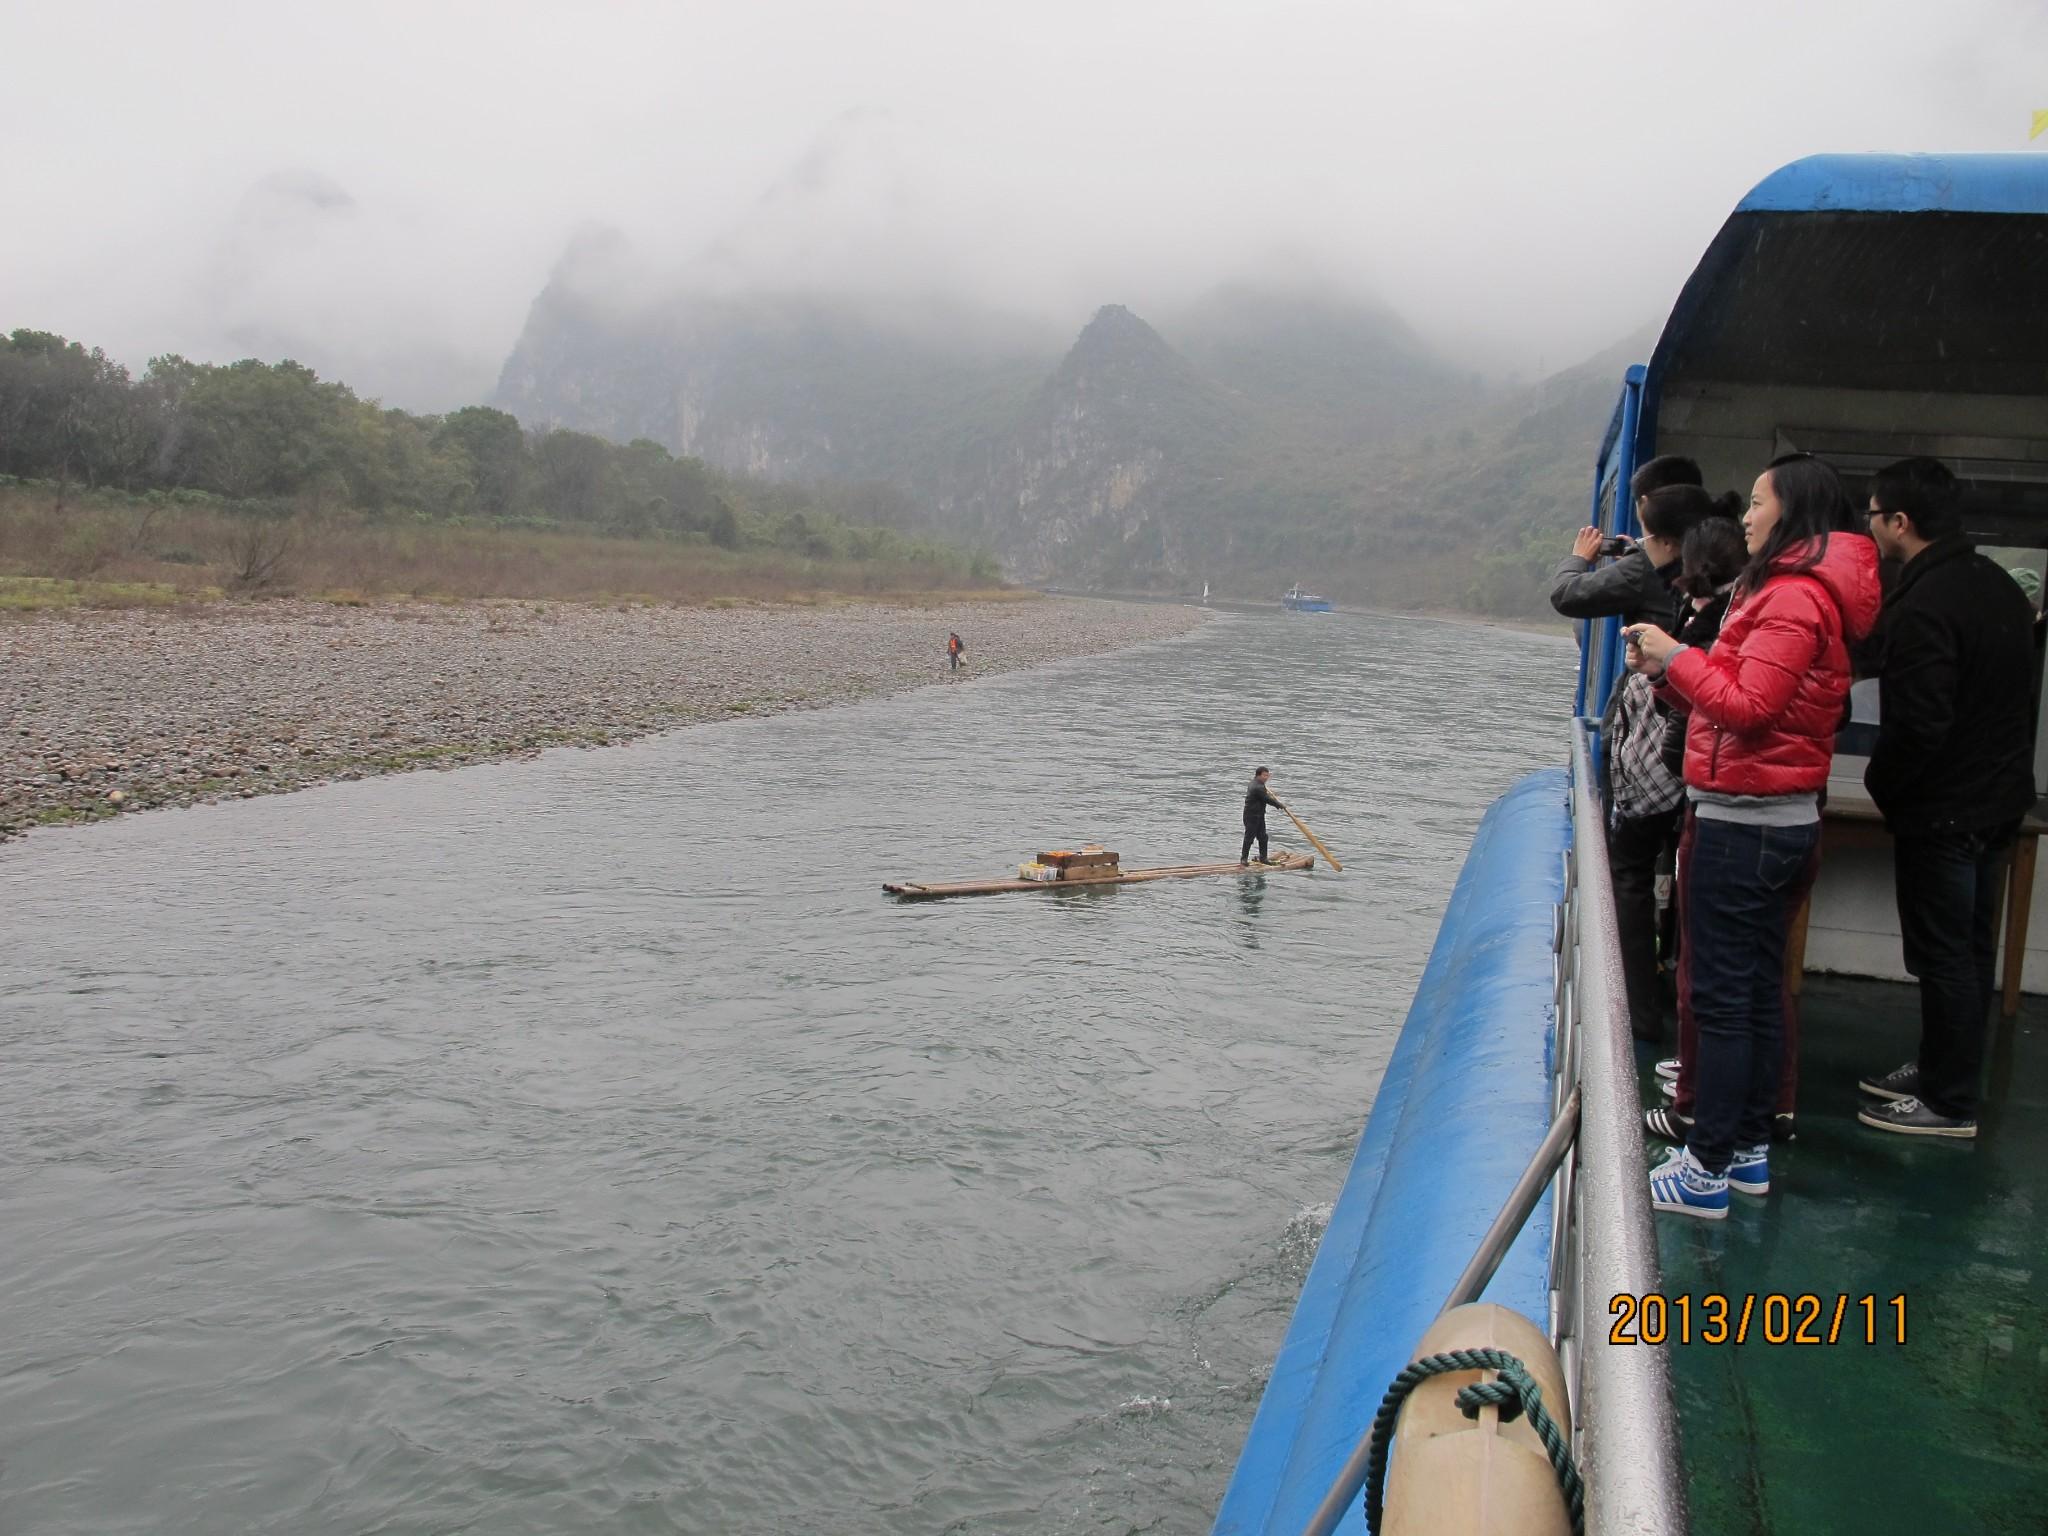 风景最美的岩溶山水游览区,桂林漓江风景区以桂林市为中心,北起兴安